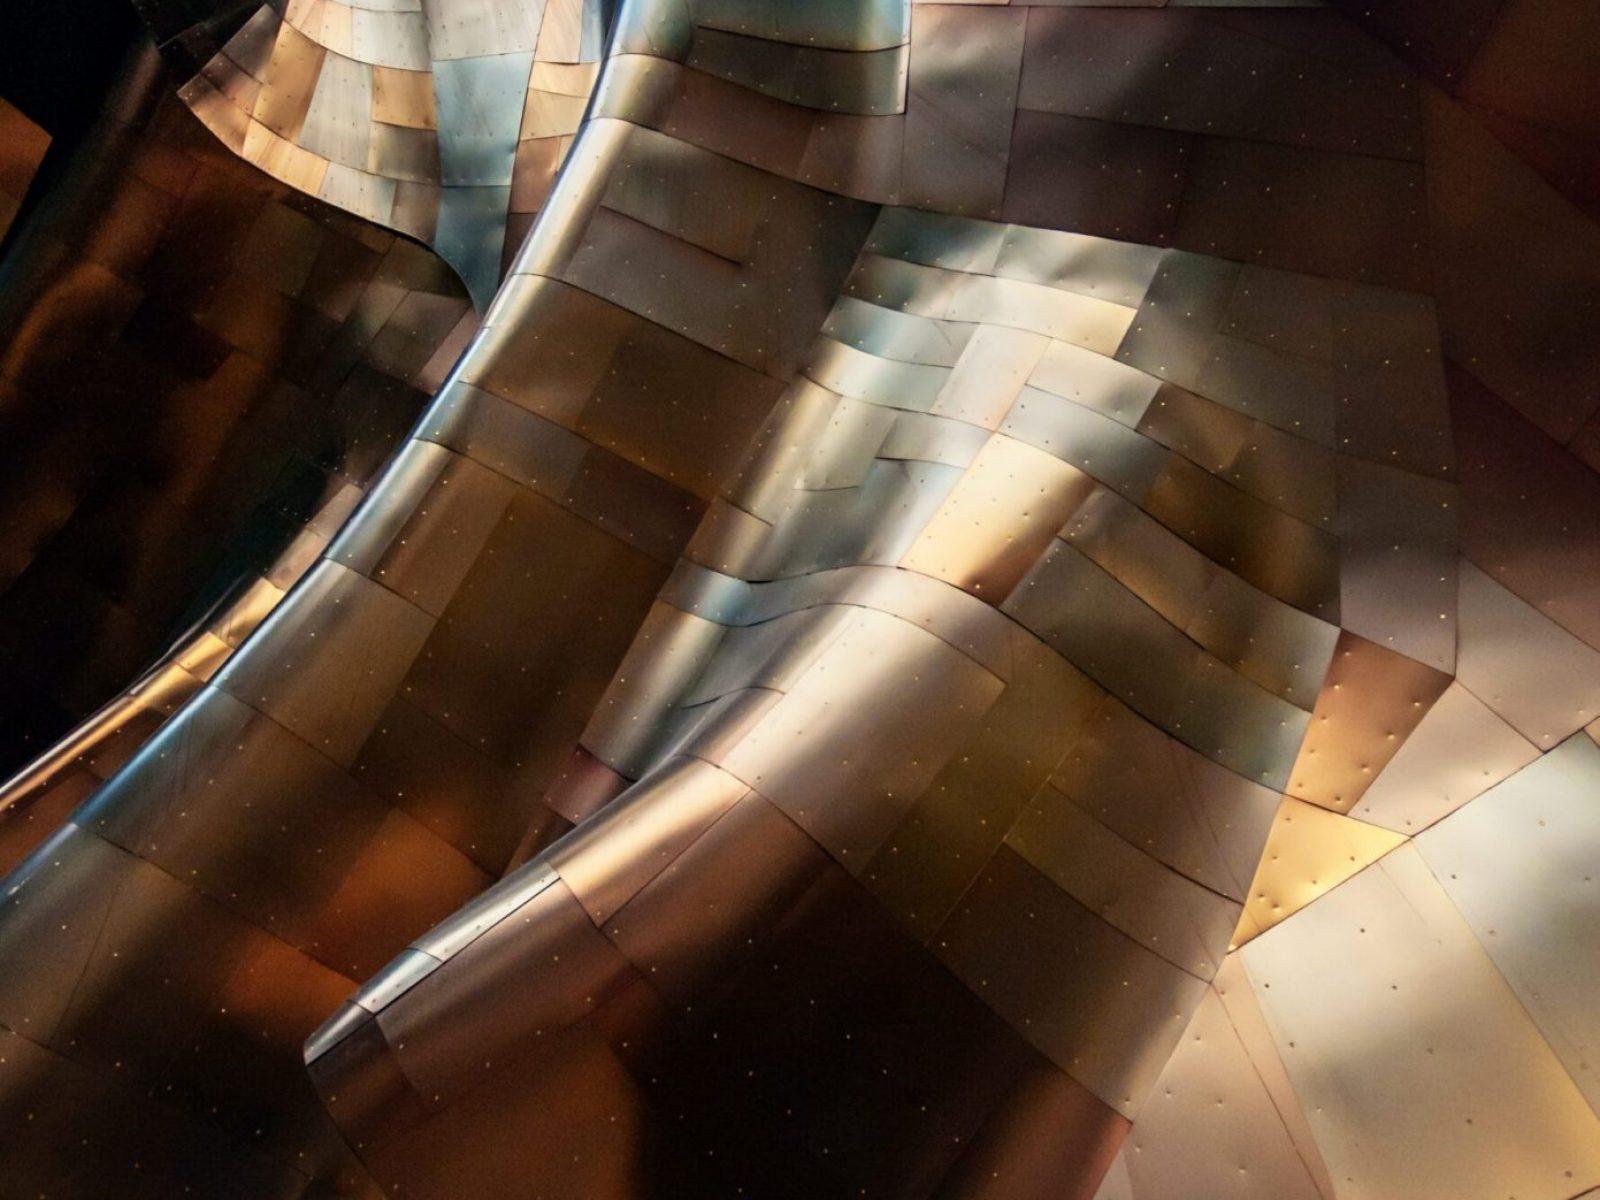 pexels-scott-webb-137594